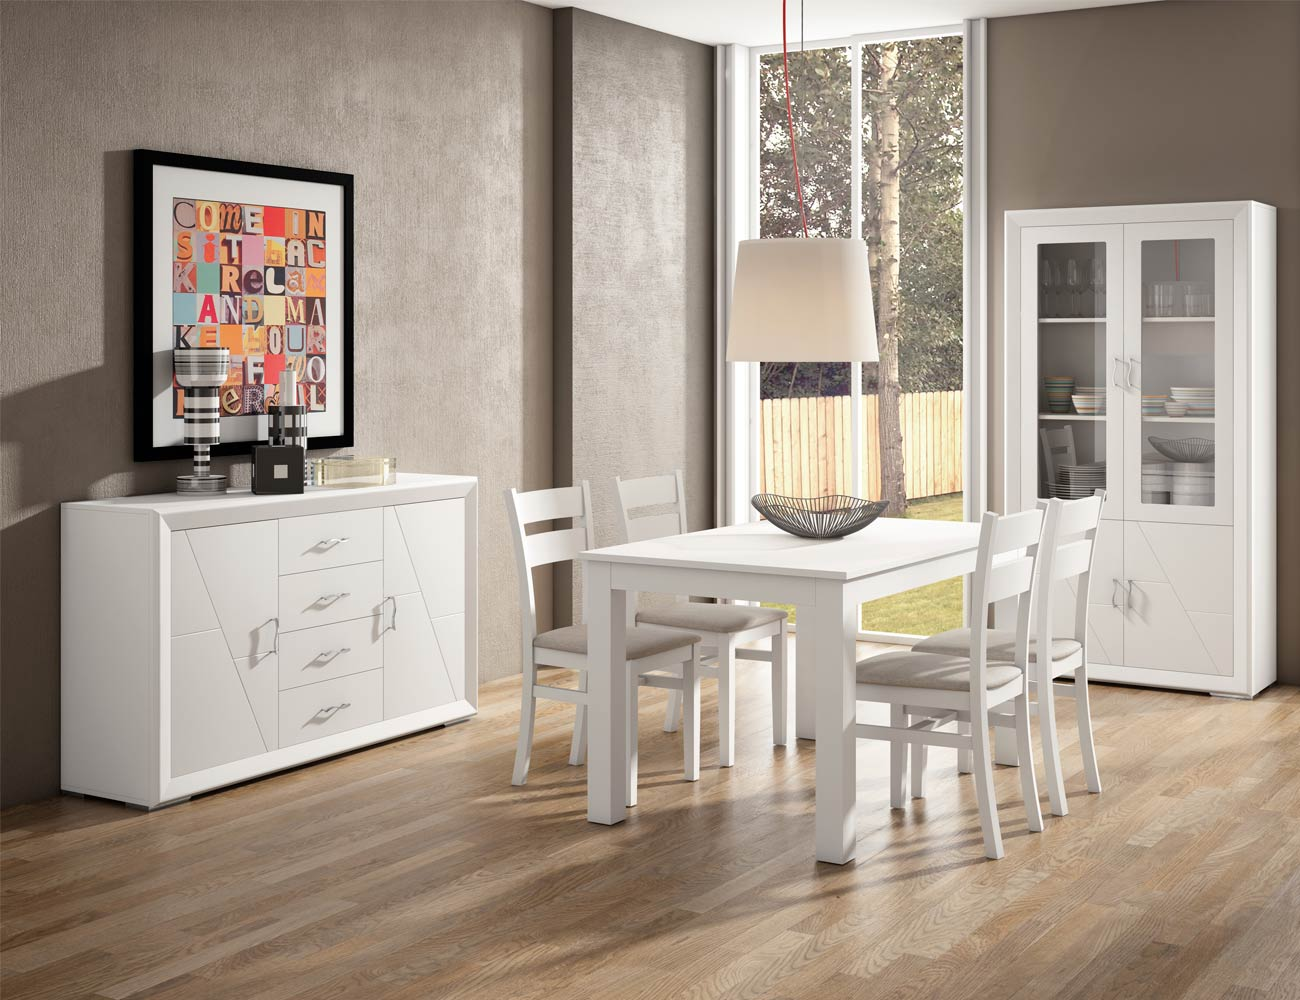 Aparador vitrina 2p silla tapizada mesa estensible madera dm lacado3